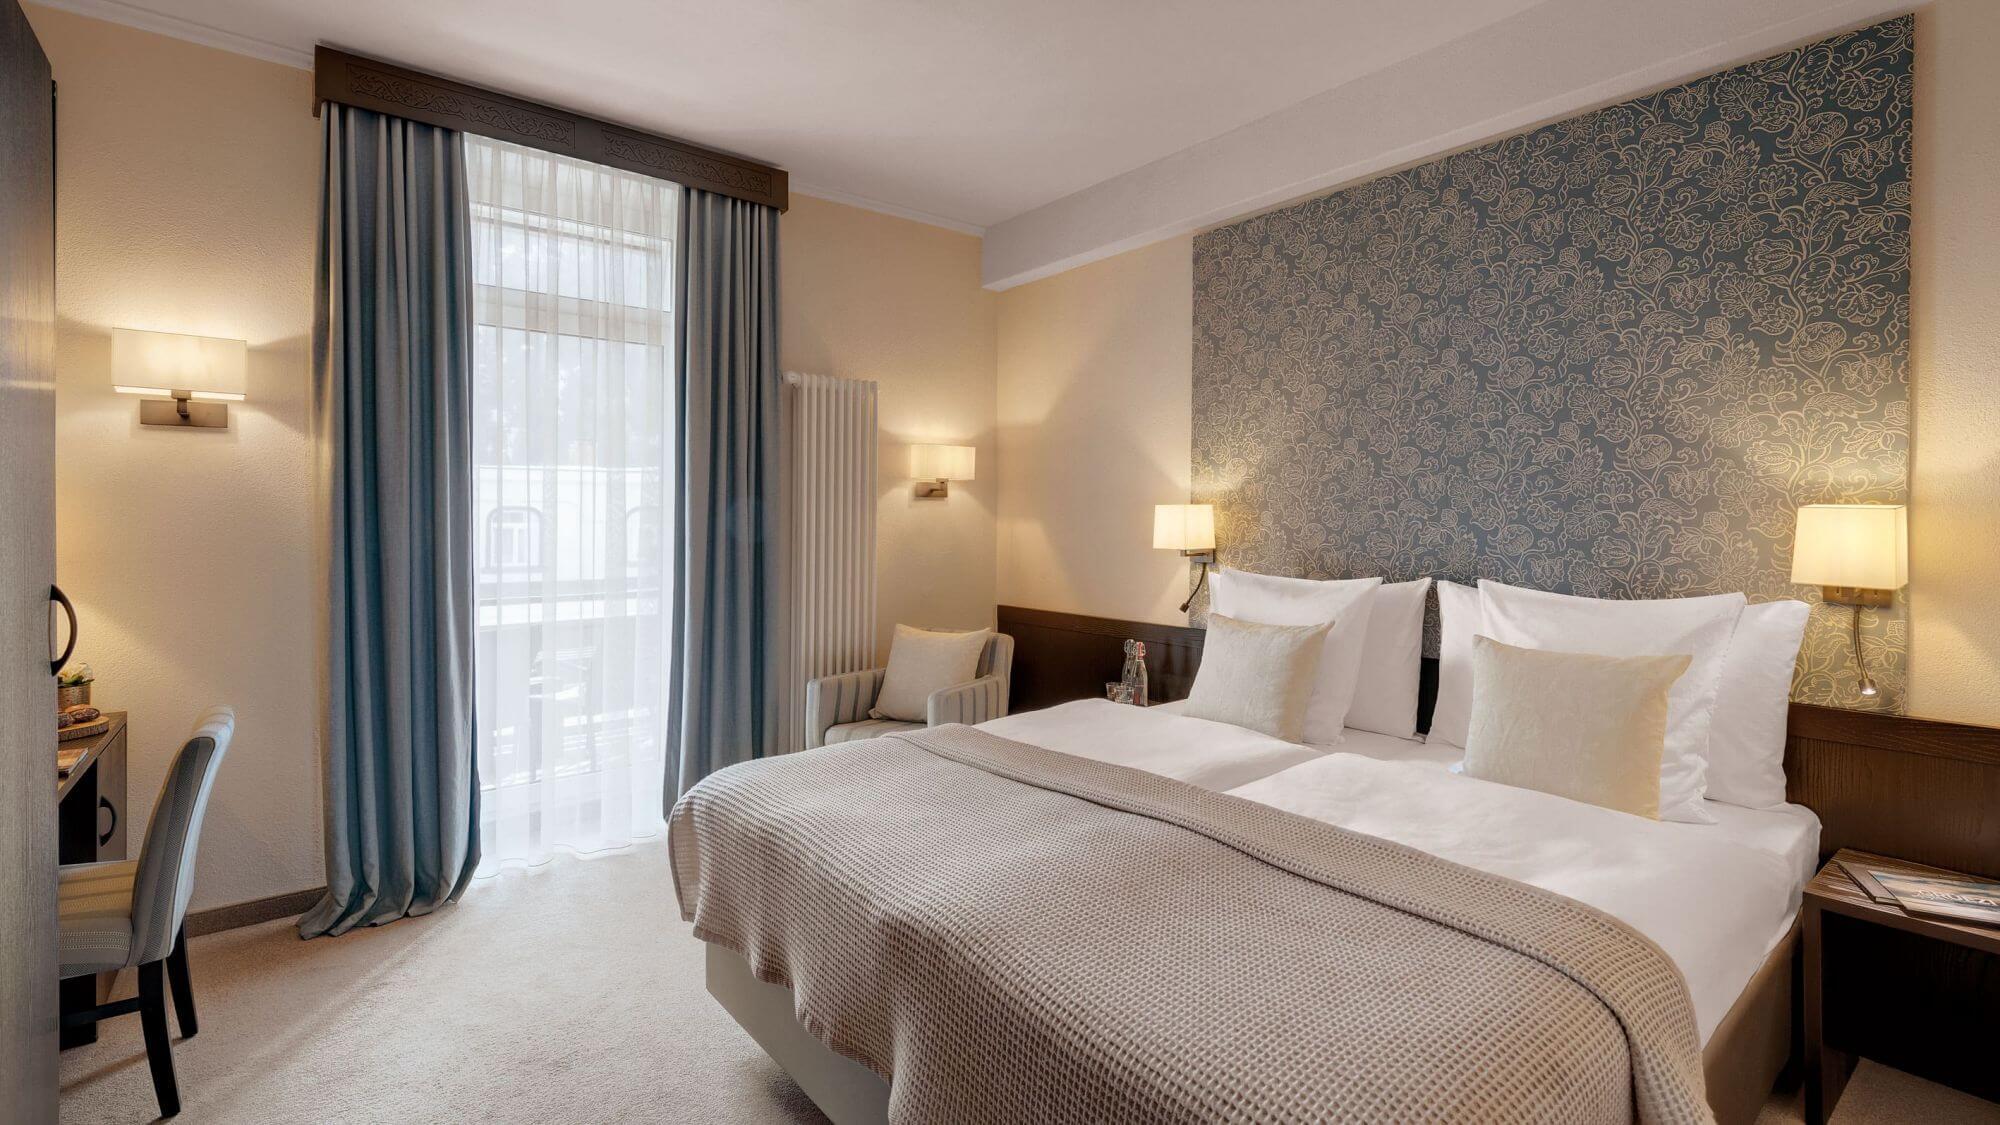 3-tage-im-hotel-morosani-schweizerhof-in-davos